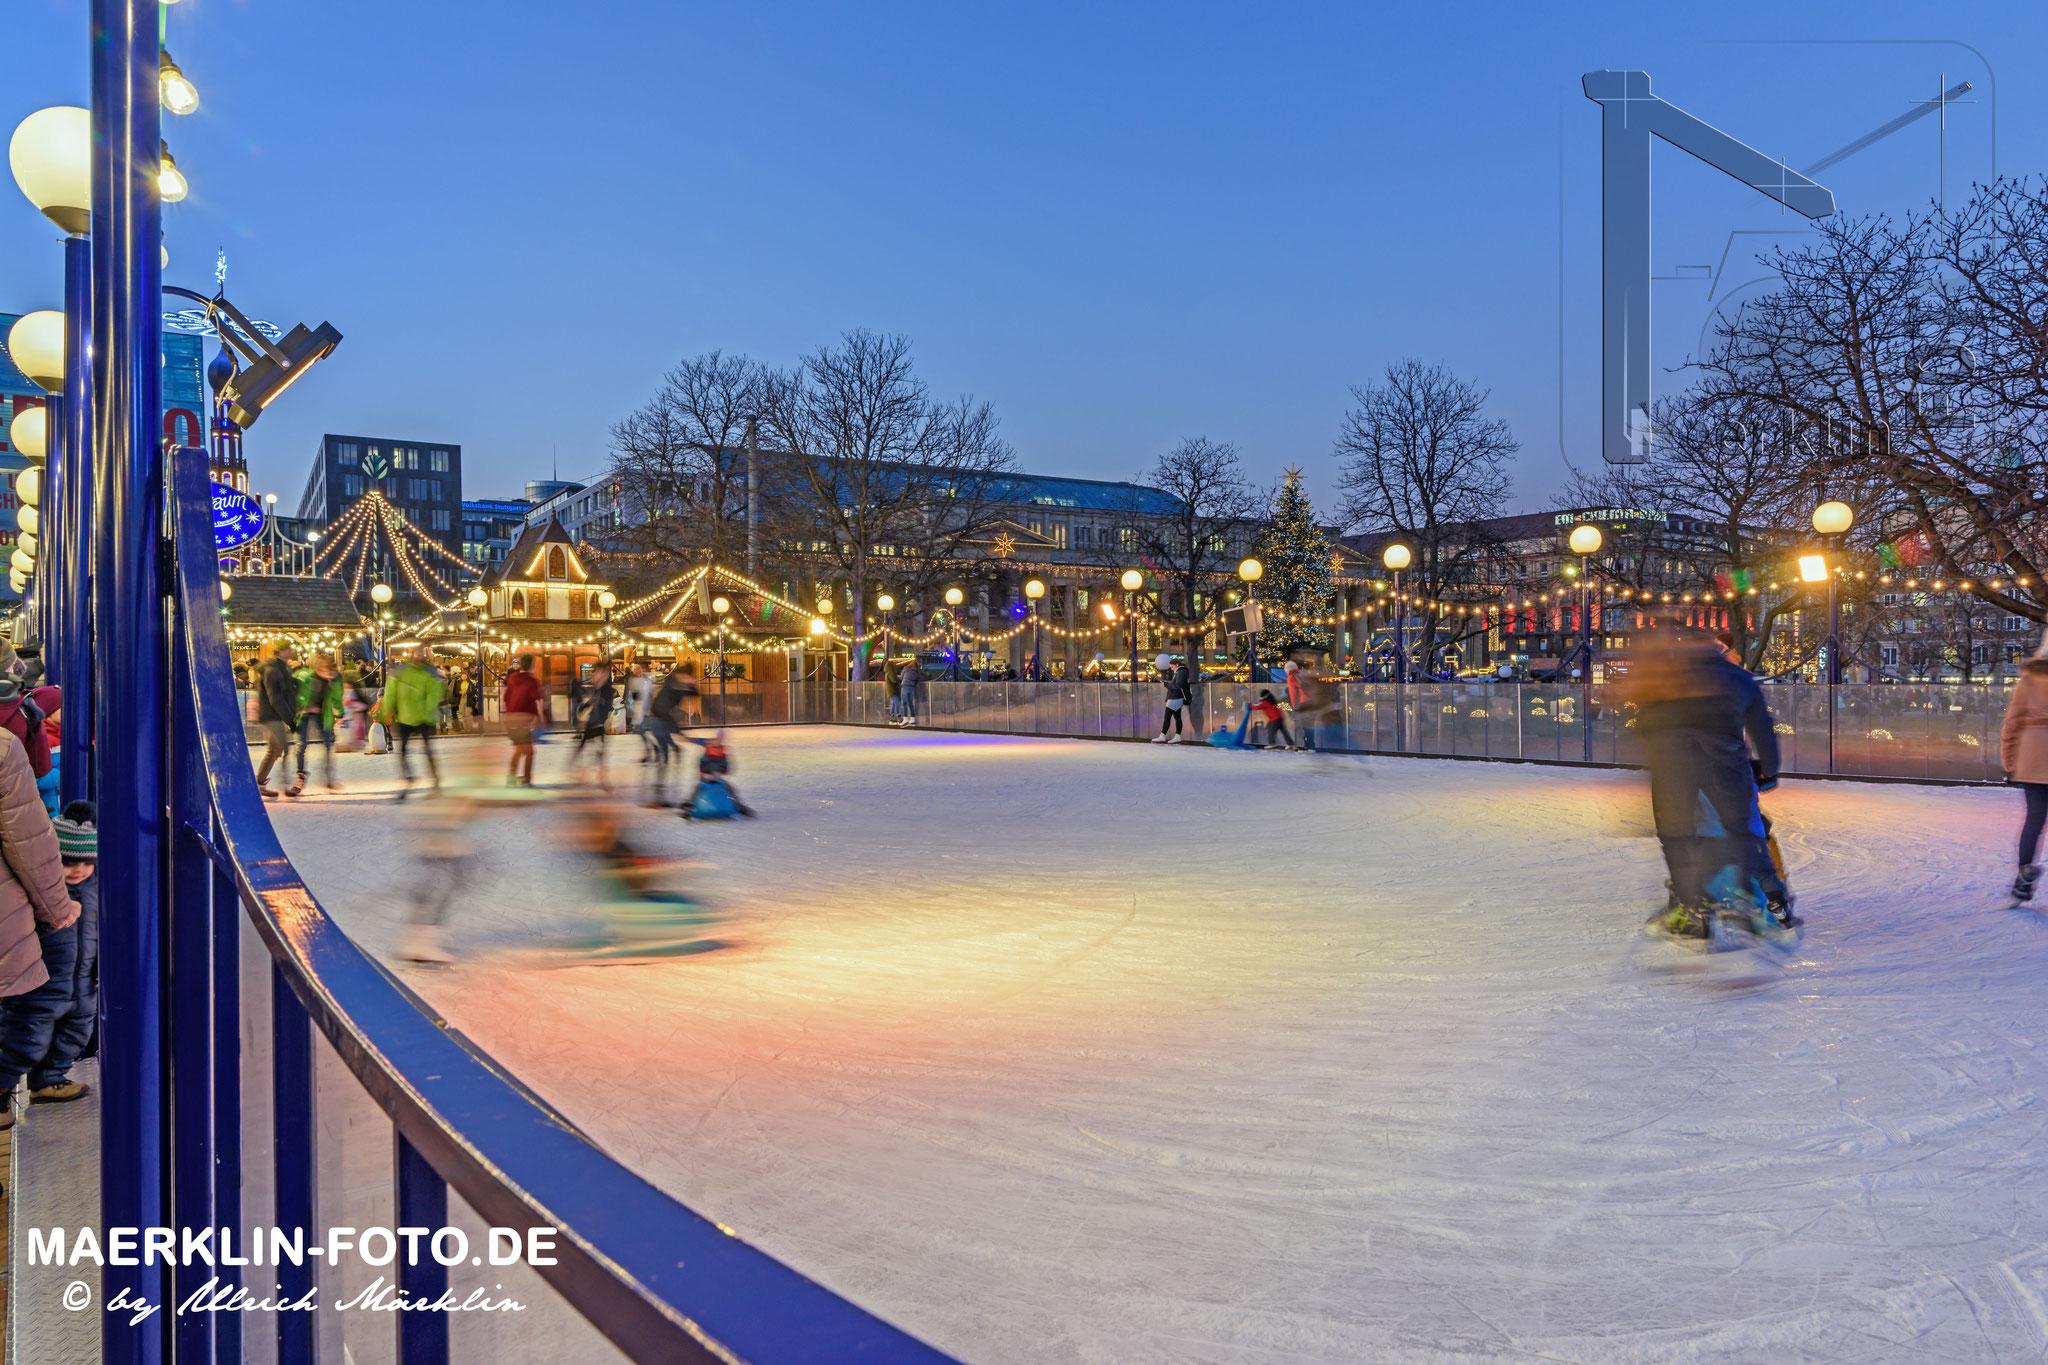 Weihnachtsmarkt in Stuttgart, Eislaufen auf dem Schlossplatz